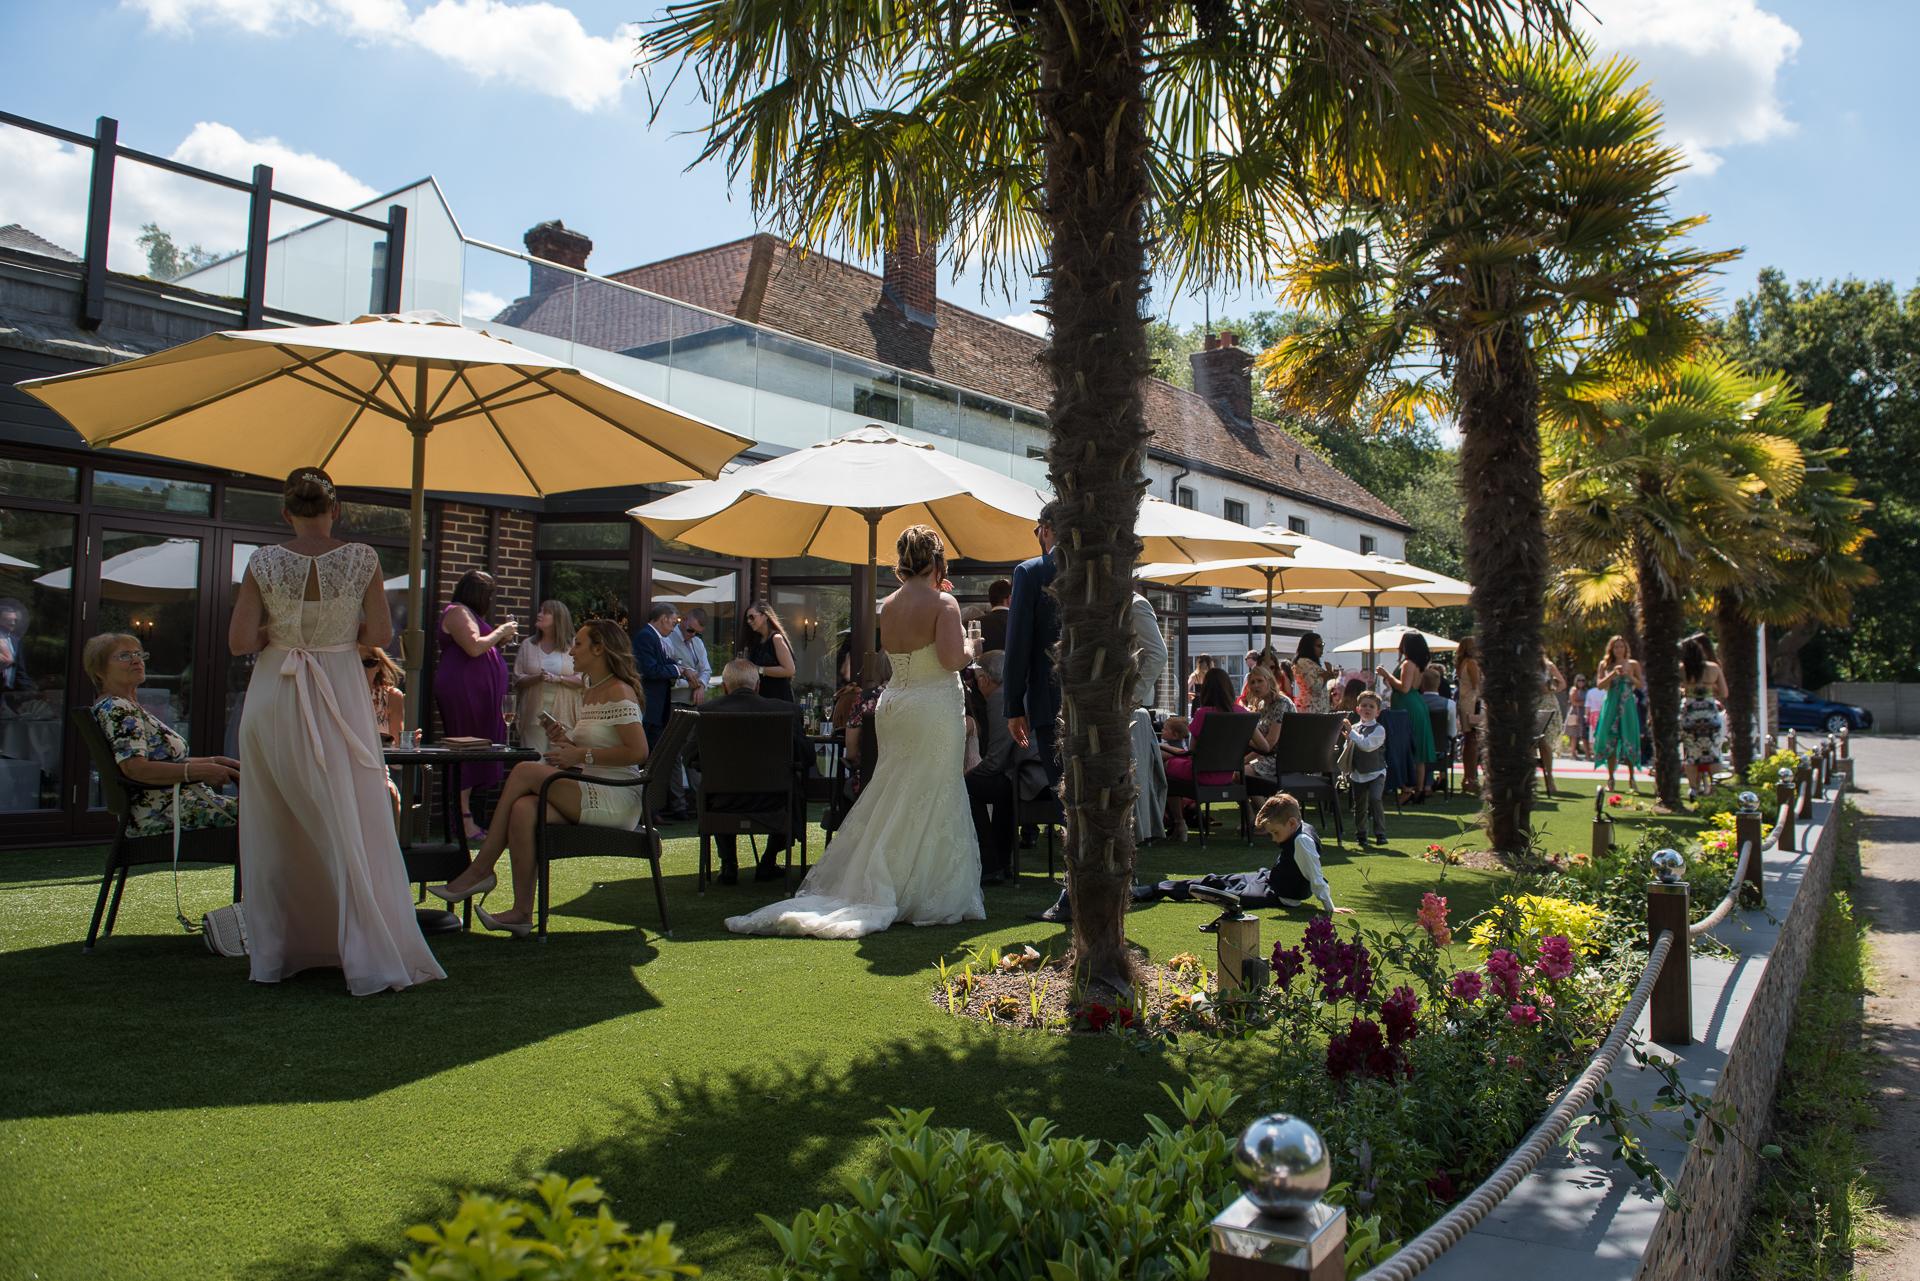 Frensham-Pond-Hotel-wedding_42.JPG